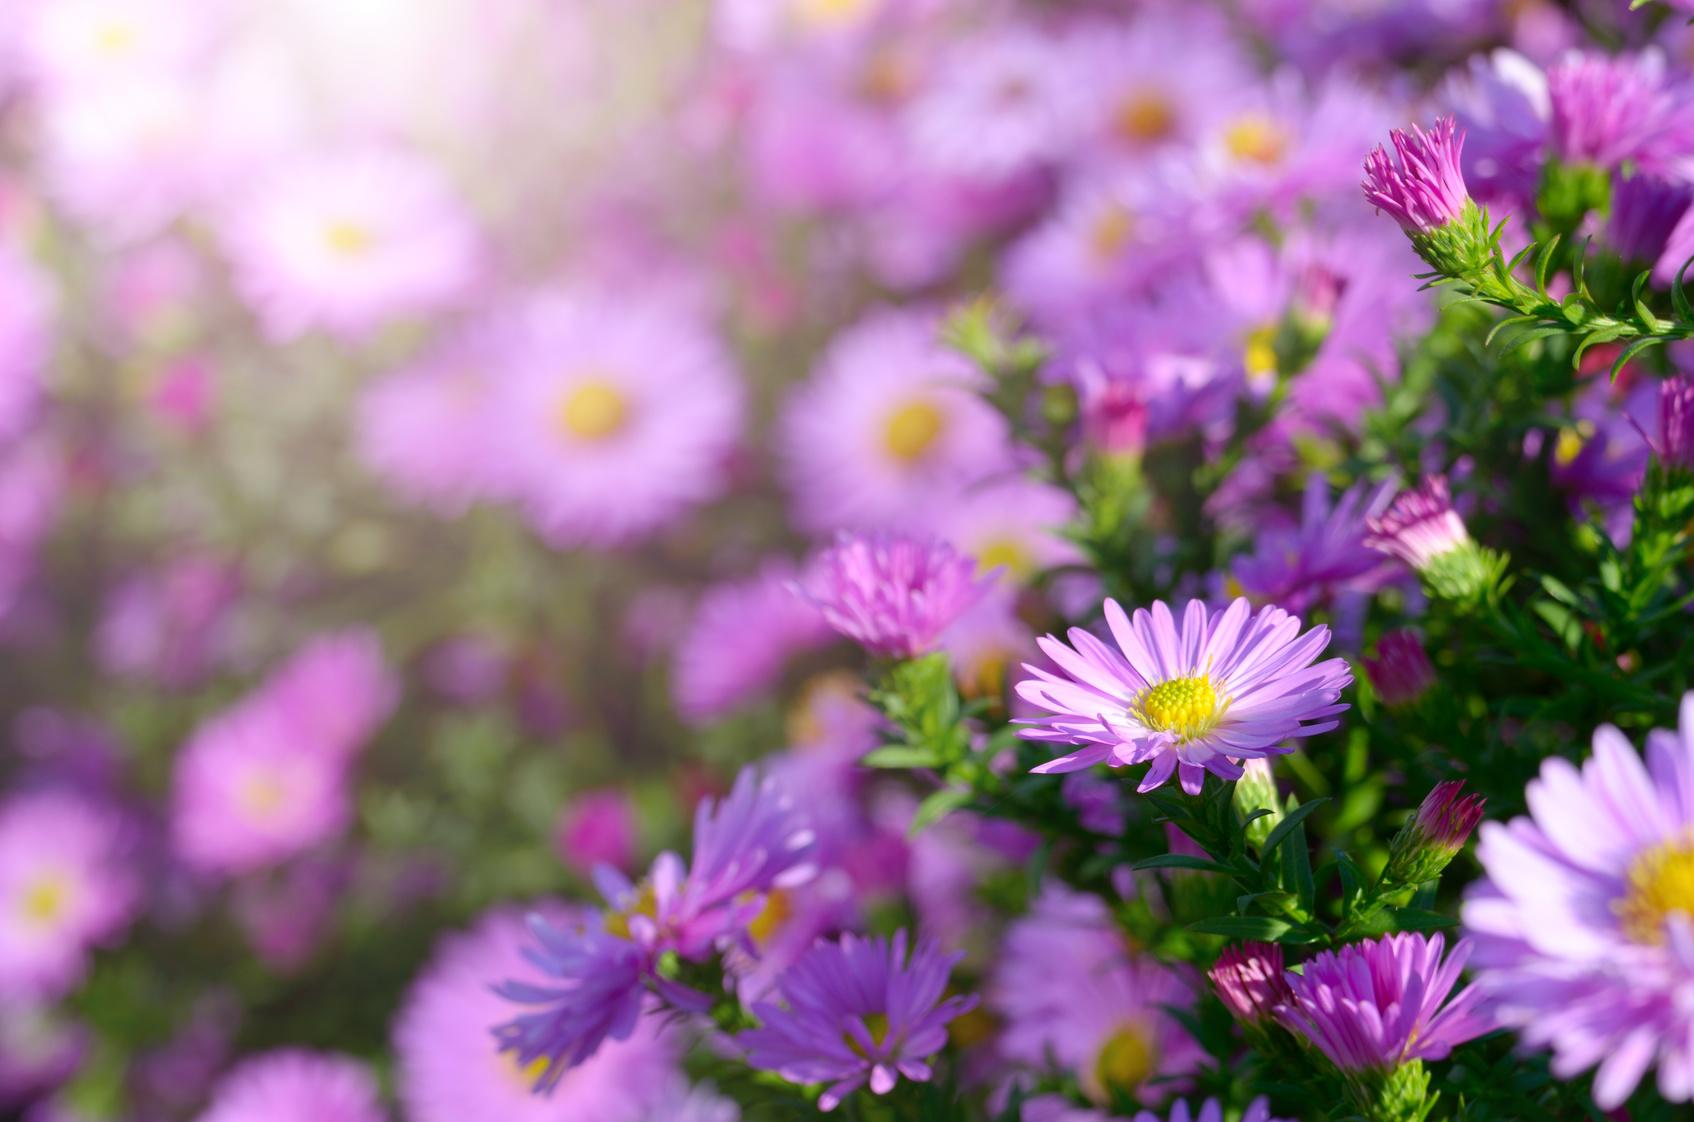 astry-to-piekne-jesienne-kwiaty